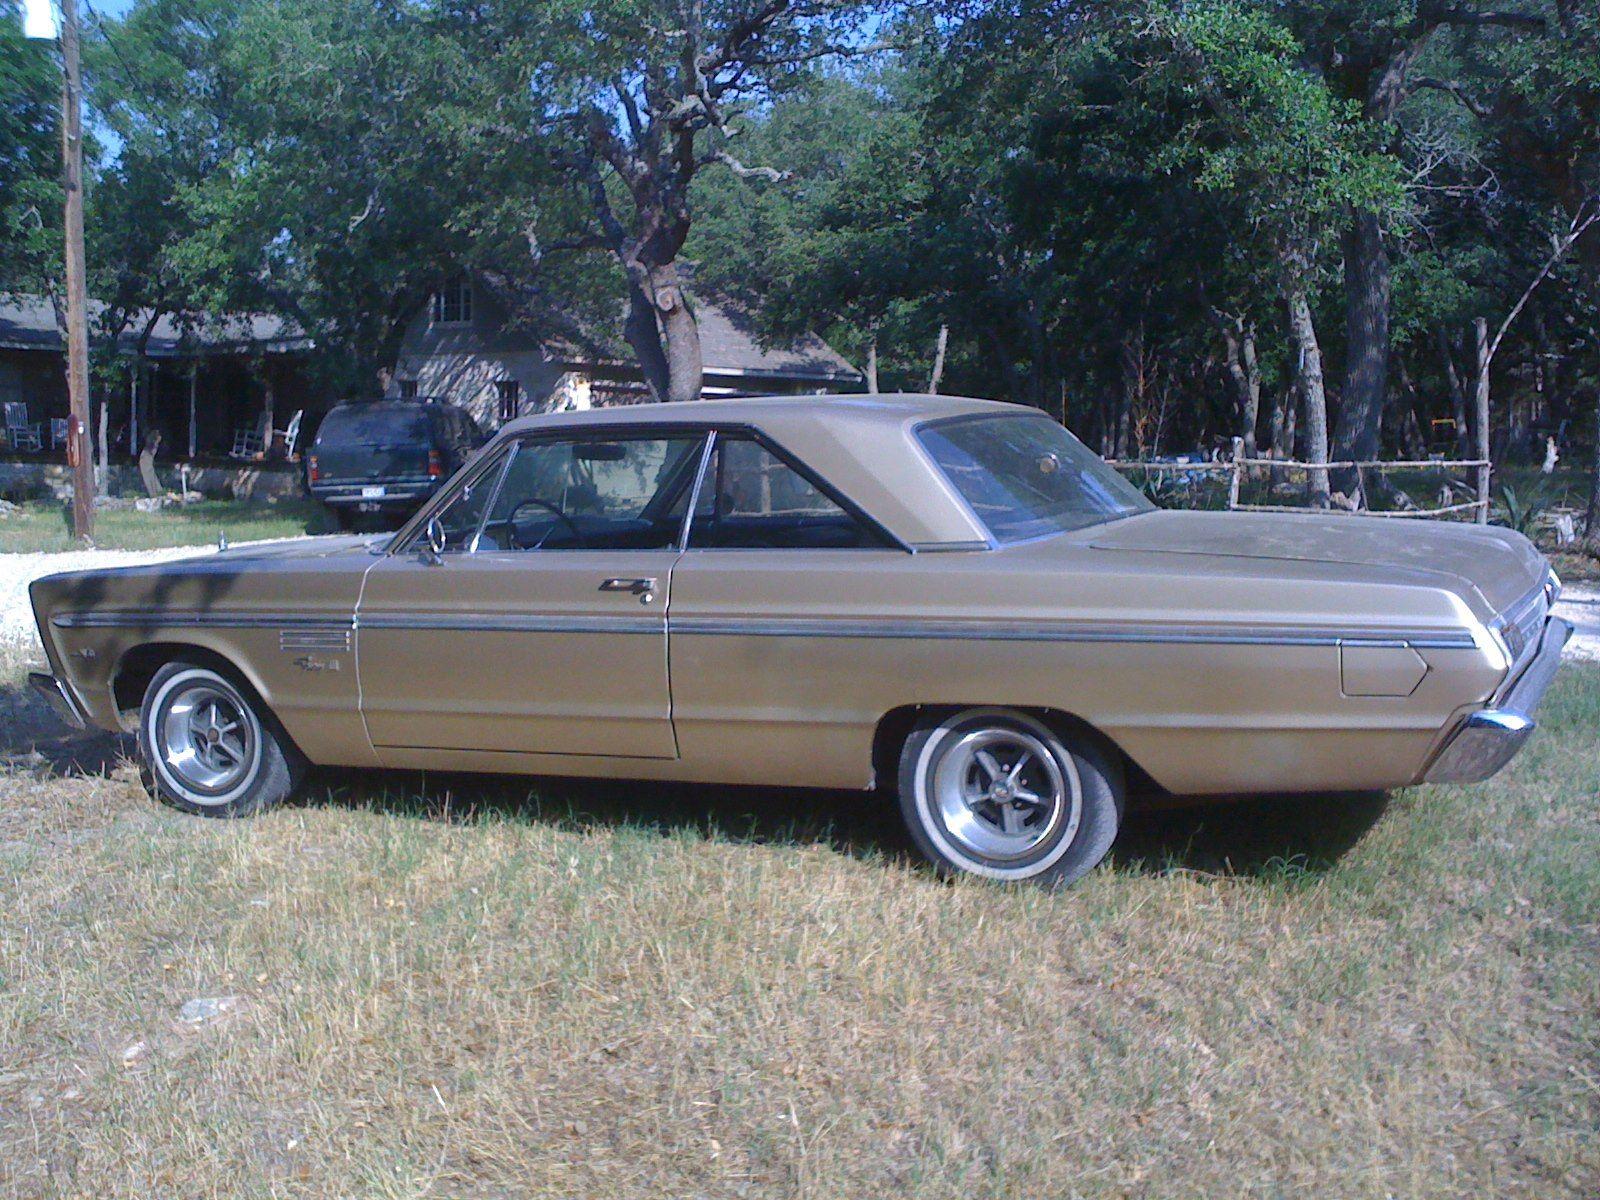 1965 Fury III